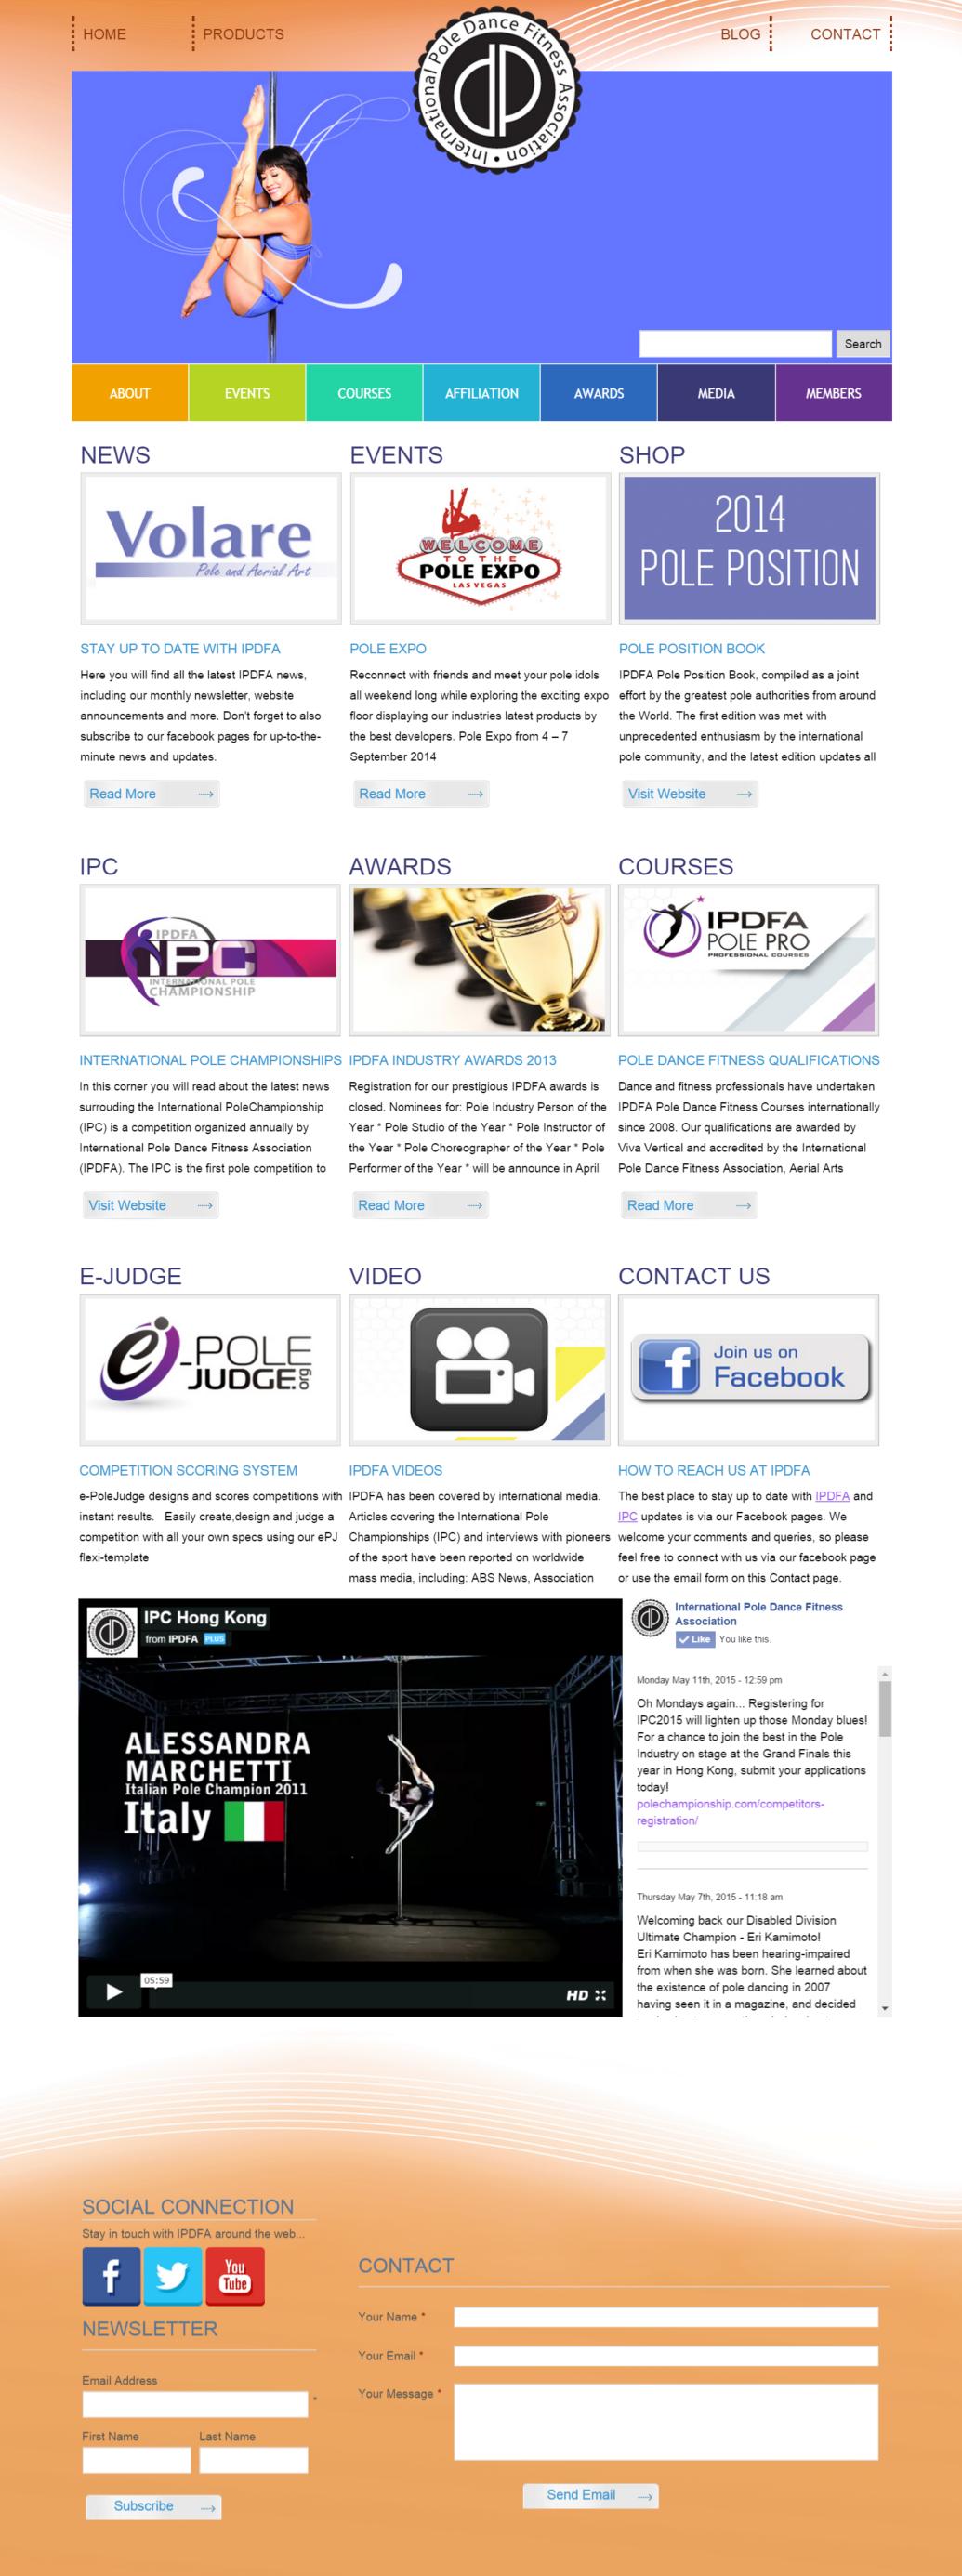 Website-IPDFA